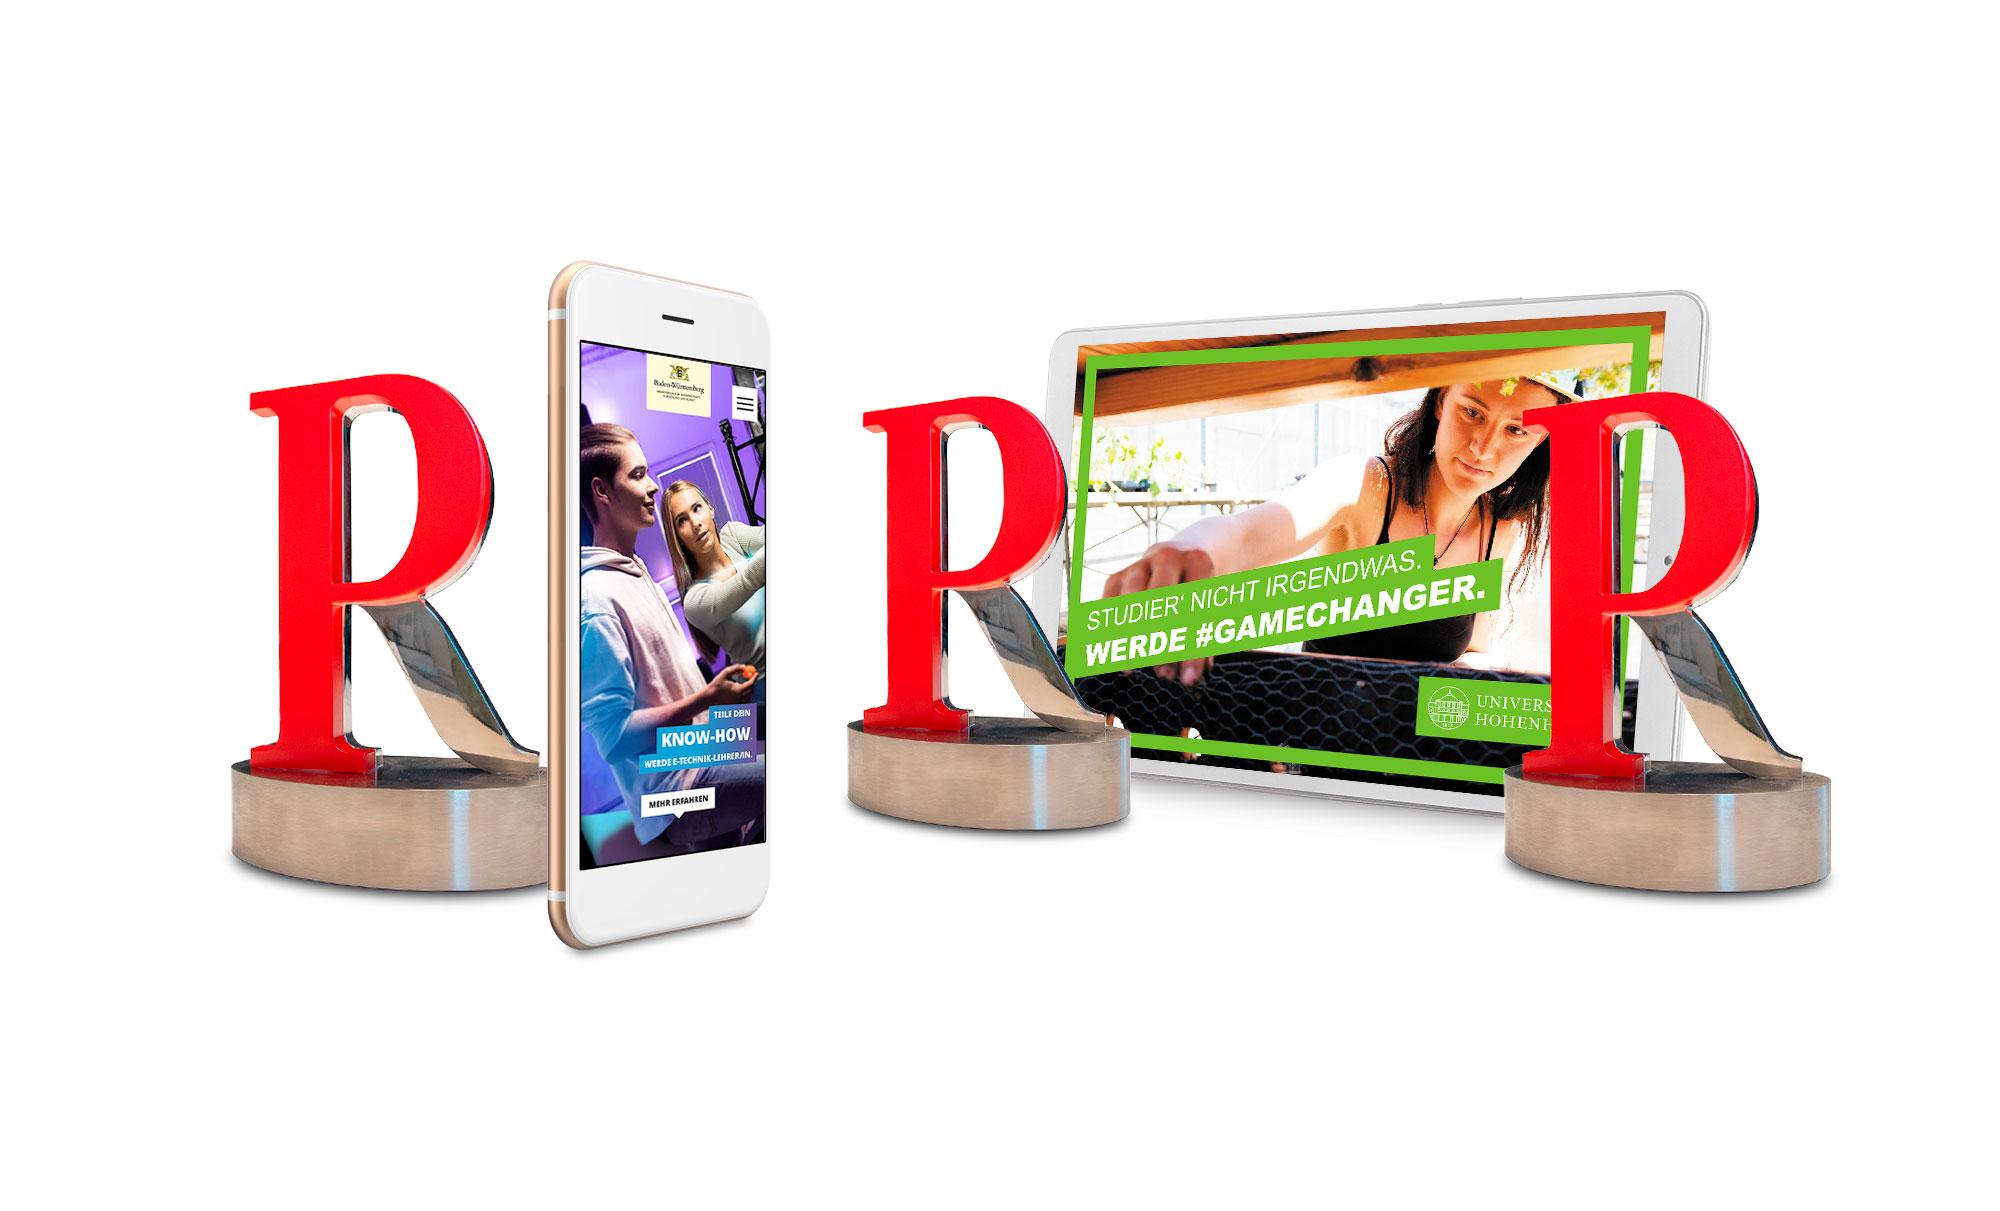 Drei PR Report Awards für Employer Branding Kampagnen von Werbeagentur Schleiner und Partner